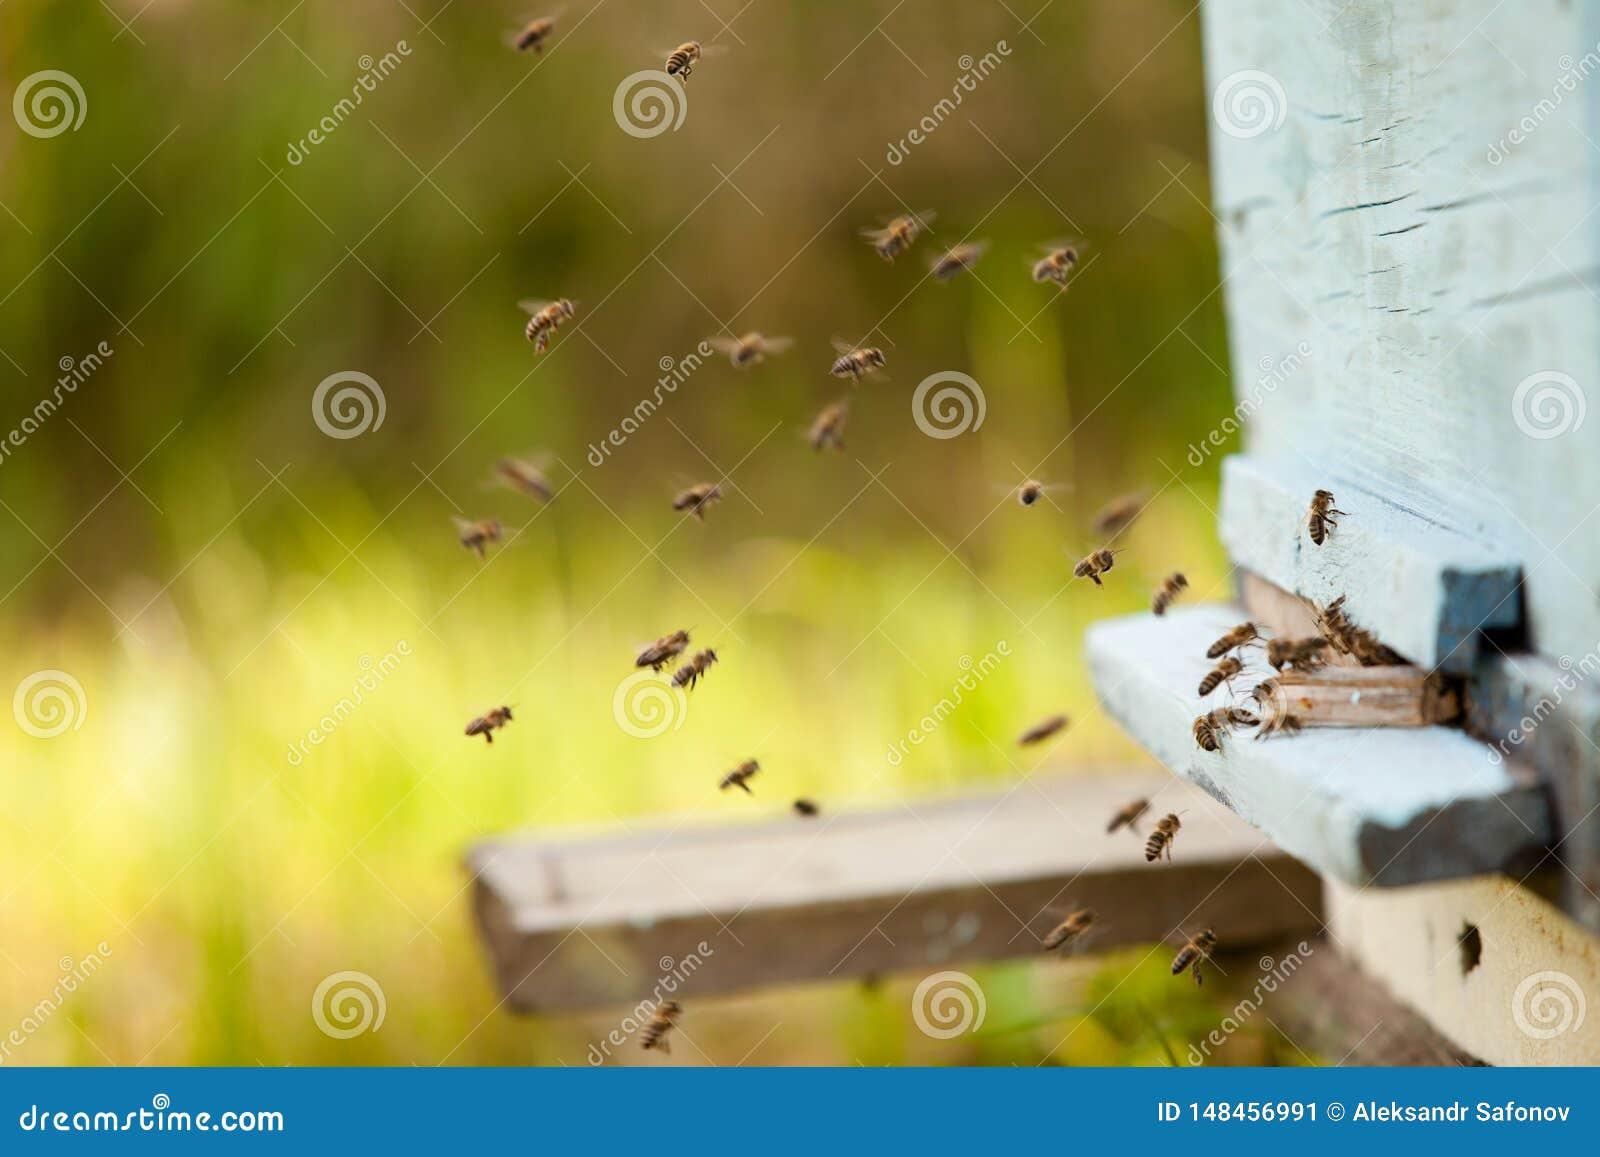 Beaucoup d abeilles volent à la ruche, l apiculture dans la campagne rucher des abeilles au printemps